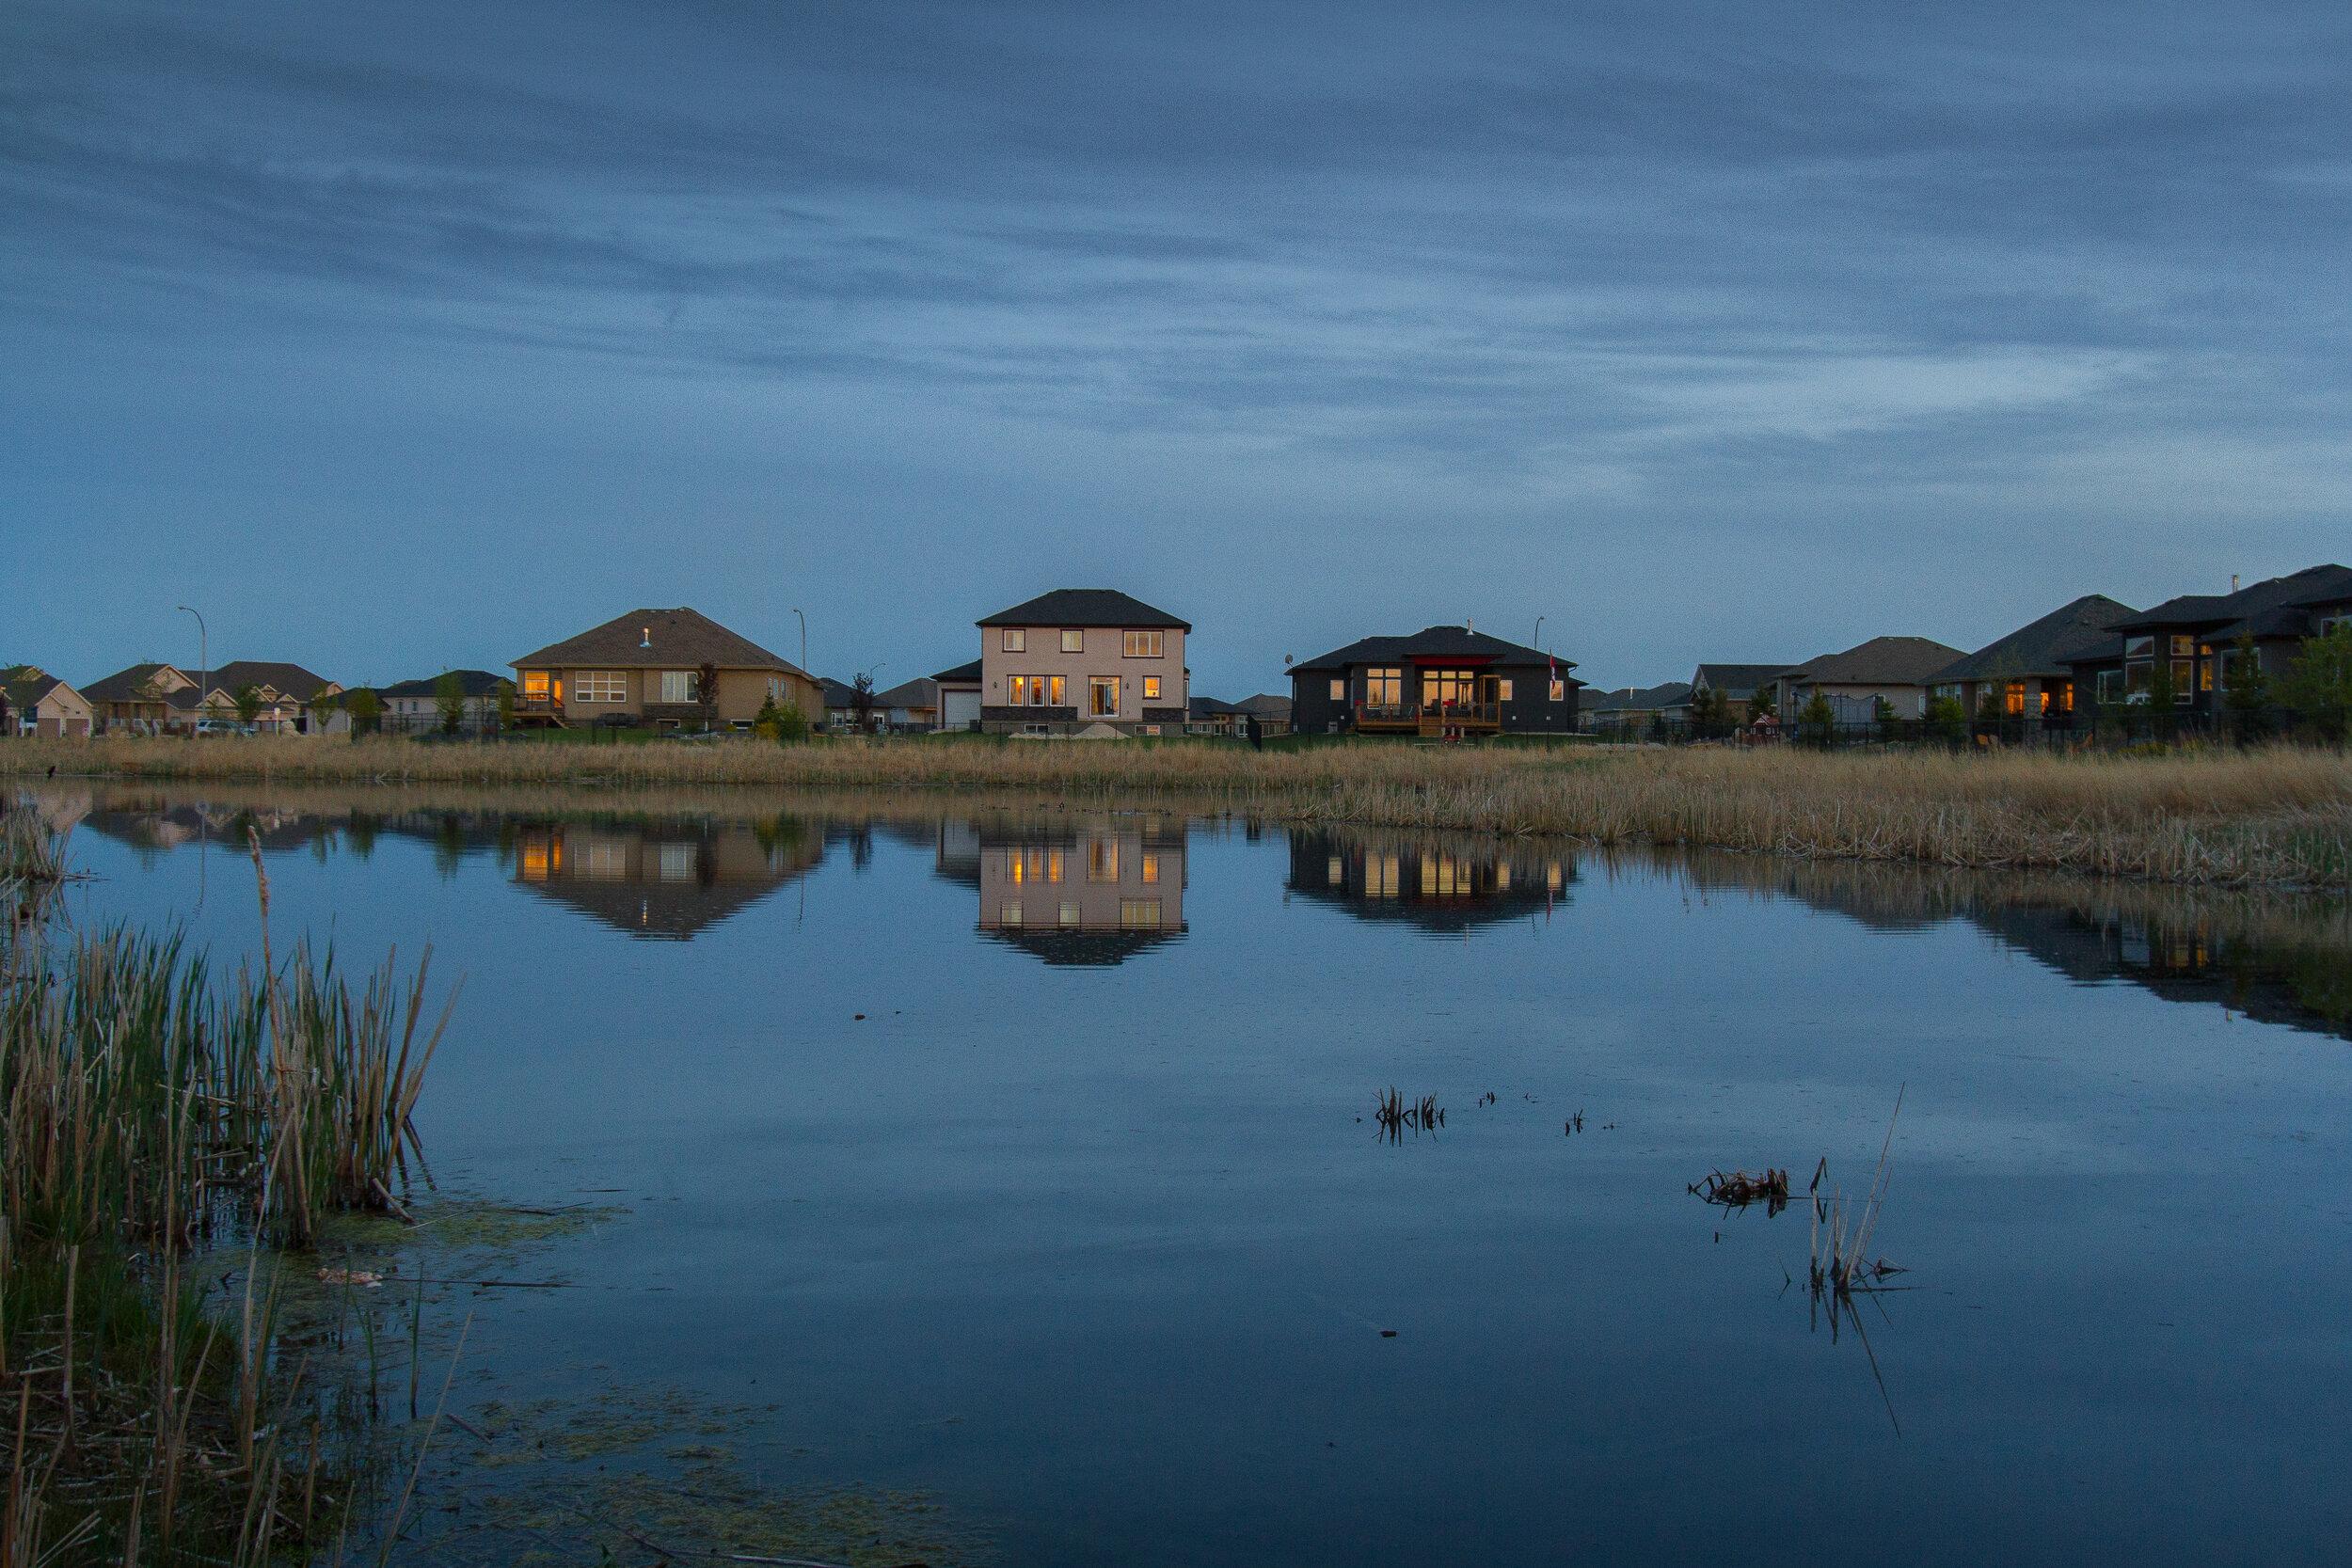 Evening in beautiful Oak Bluff West